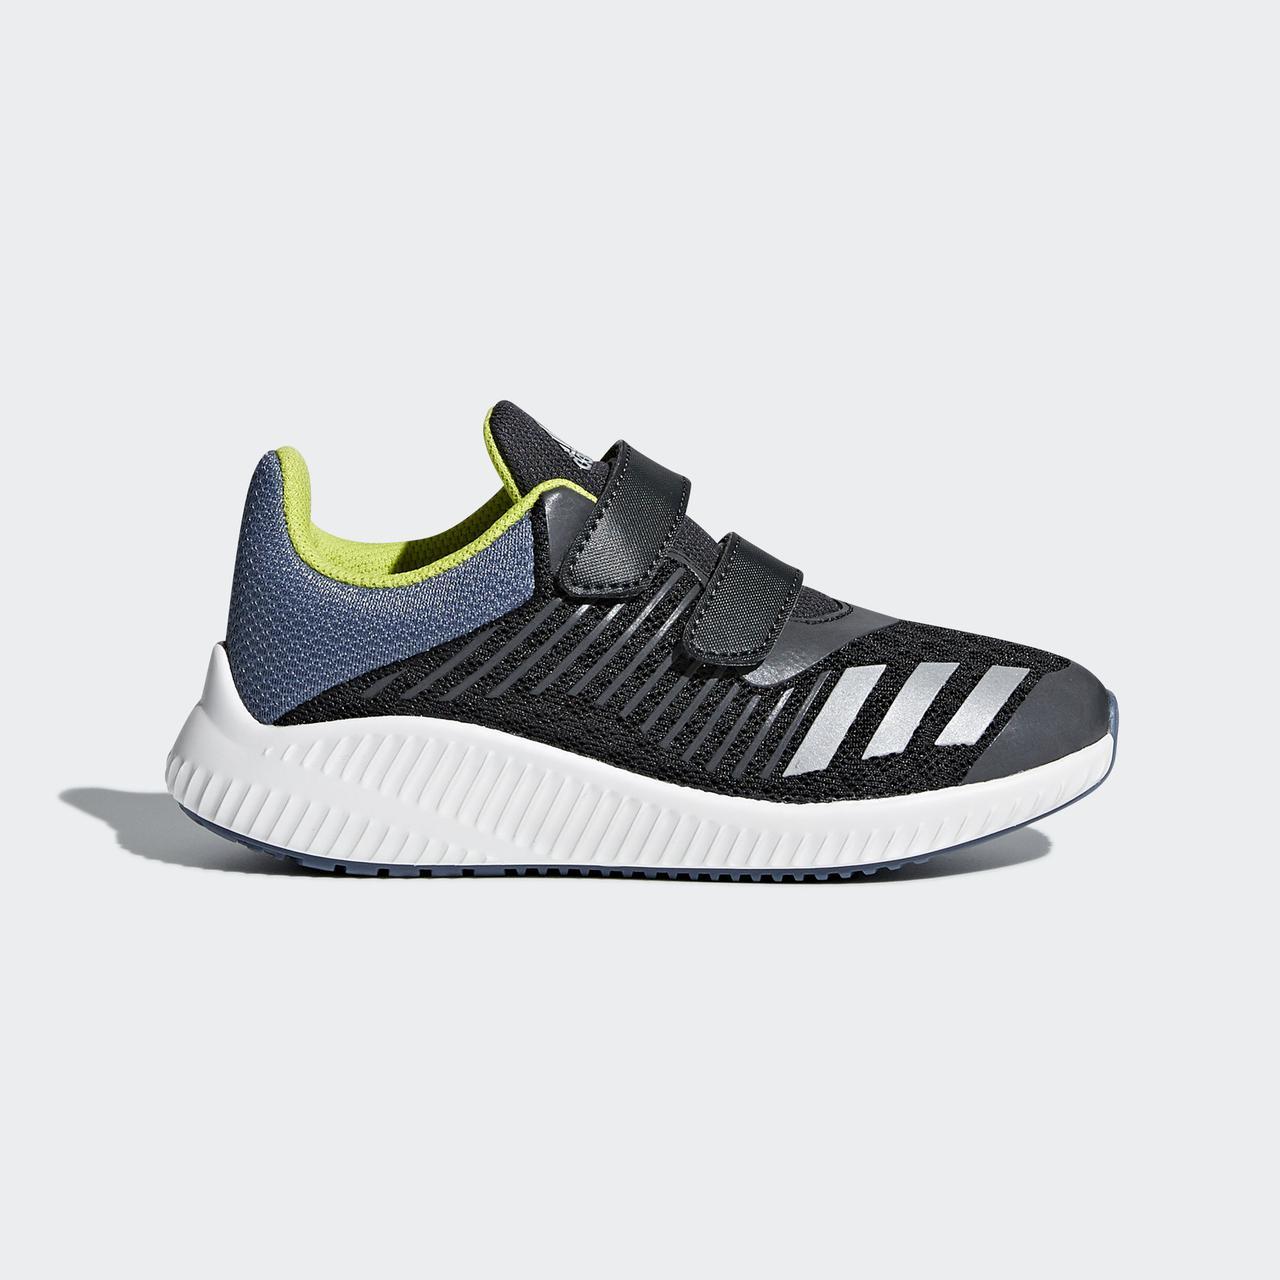 9ec555d24 Детские кроссовки Adidas Performance Fortarun (Артикул: CQ0177) -  Интернет-магазин «Эксперт